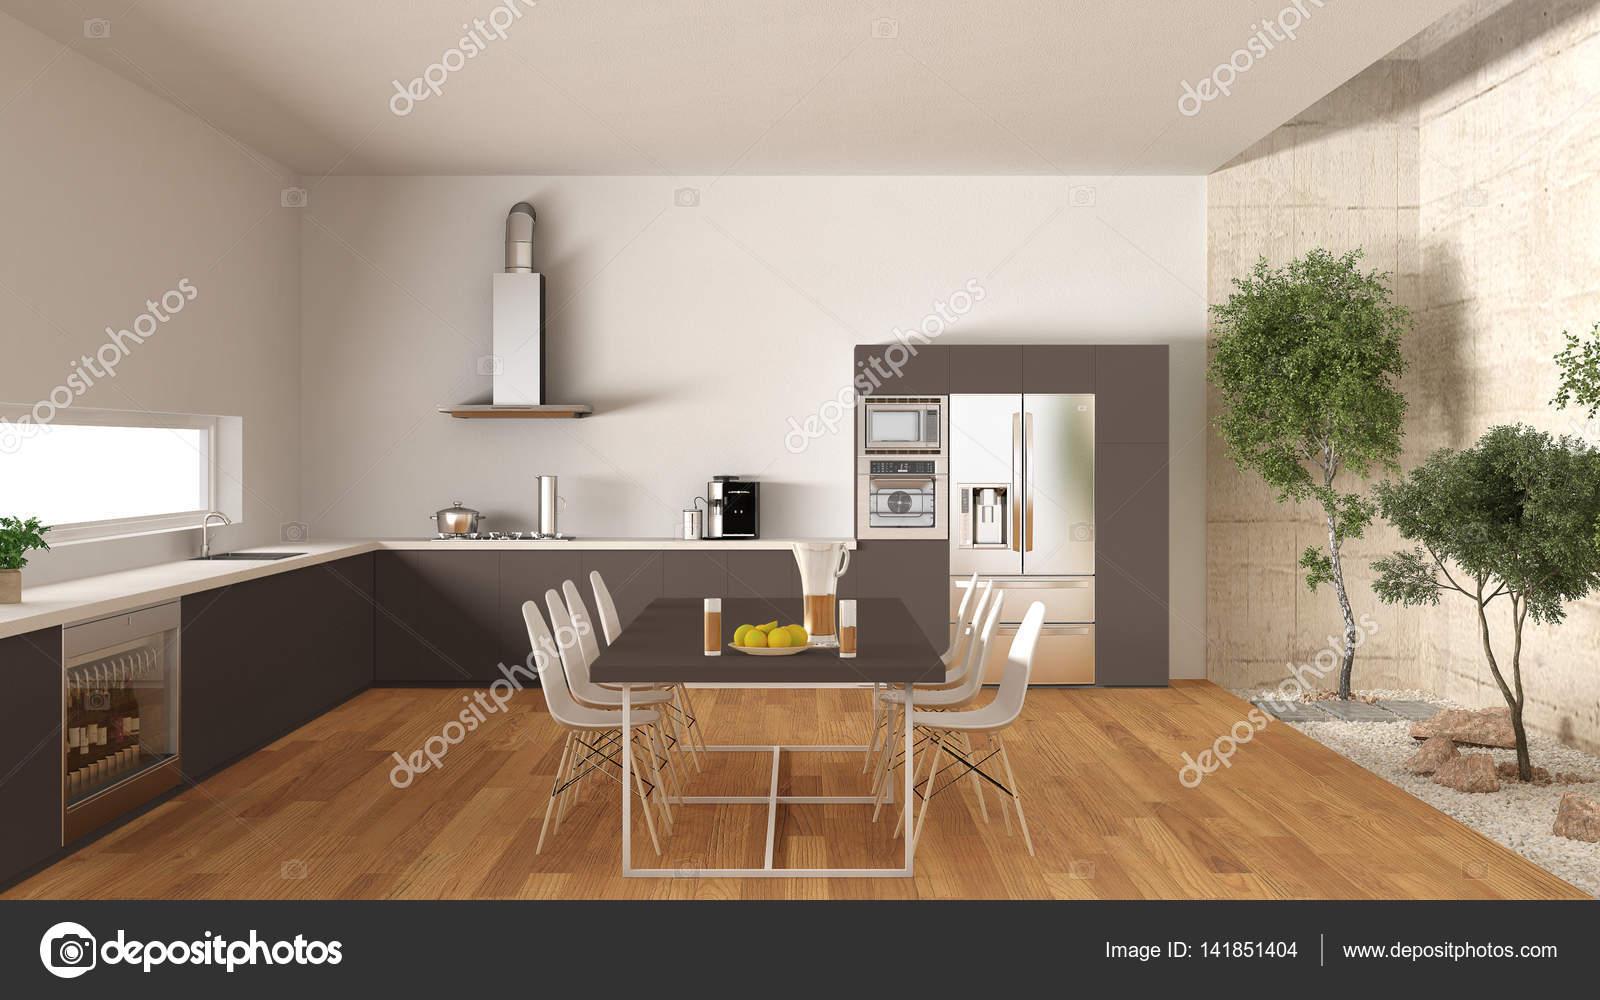 Cucina bianca e marrone con giardino interno, desi interni minimal ...